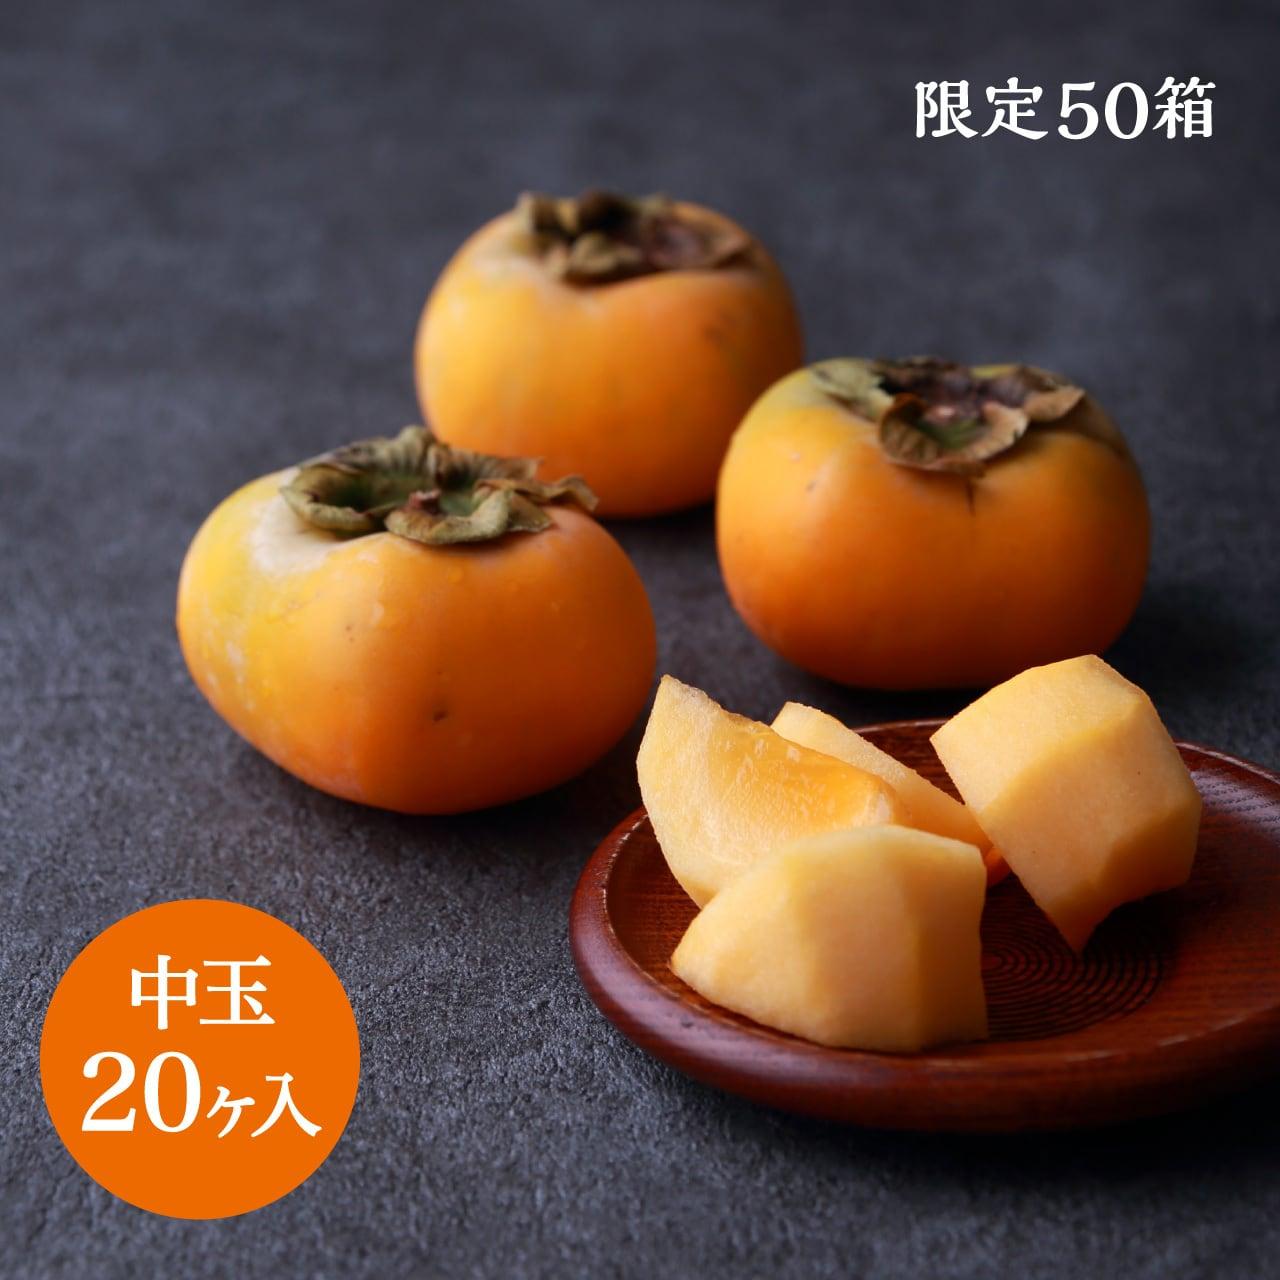 本場松ヶ岡産 庄内柿(中玉 20ヶ入)